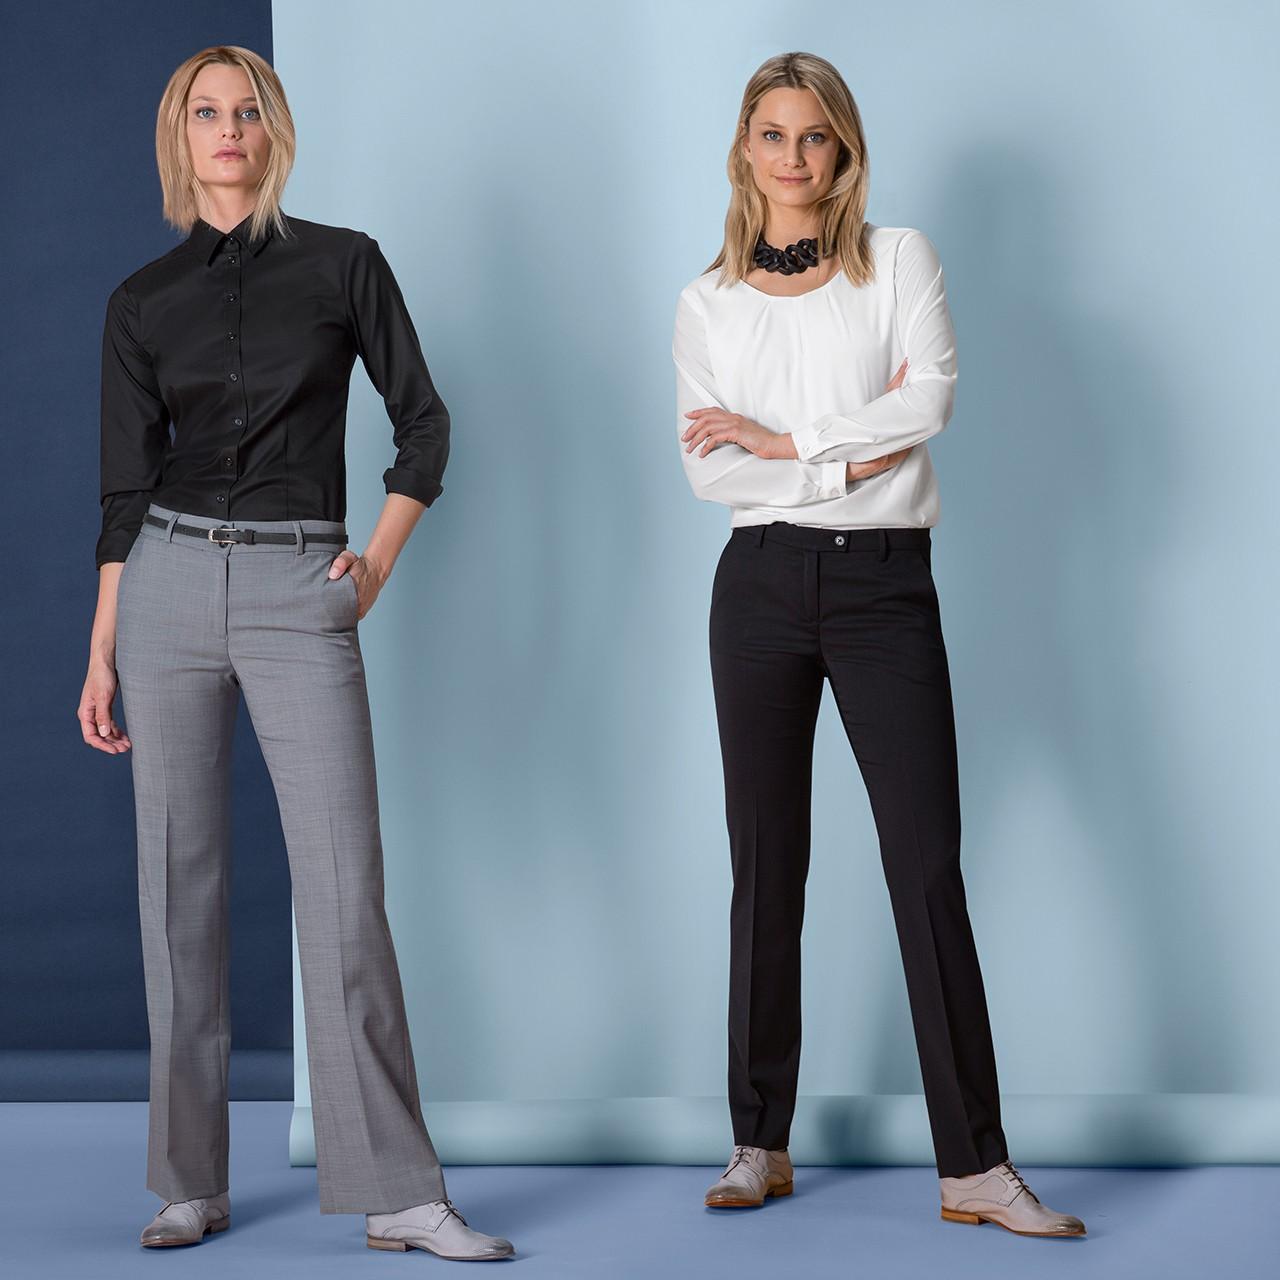 Damen Hose Normale Leibhöhe Modern Regular Fit Greiff® | bedrucken, besticken, bedrucken lassen, besticken lassen, mit Logo |